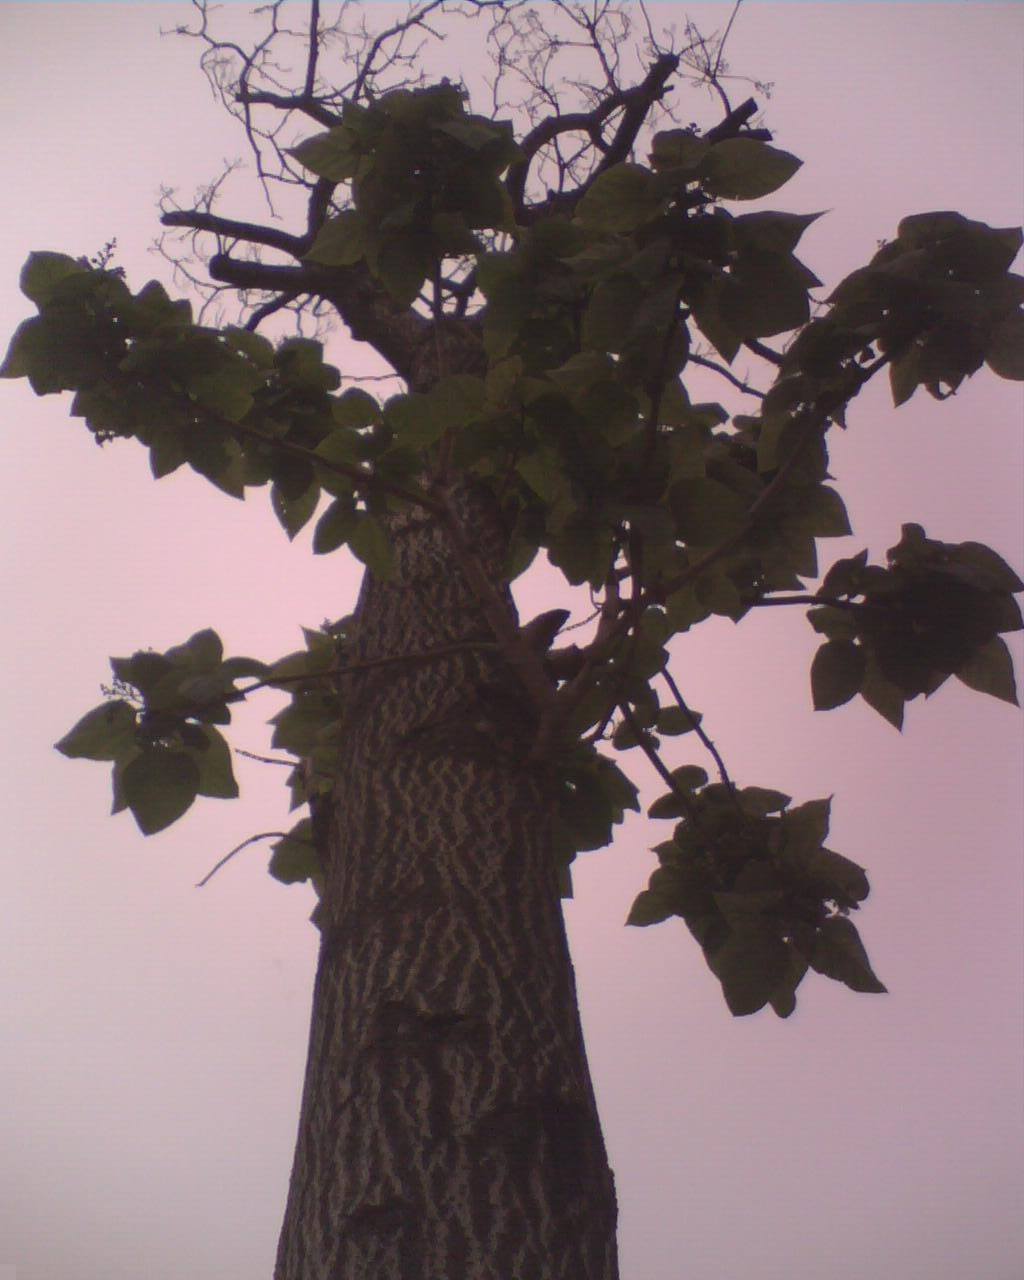 游泳馆附近的一棵老树